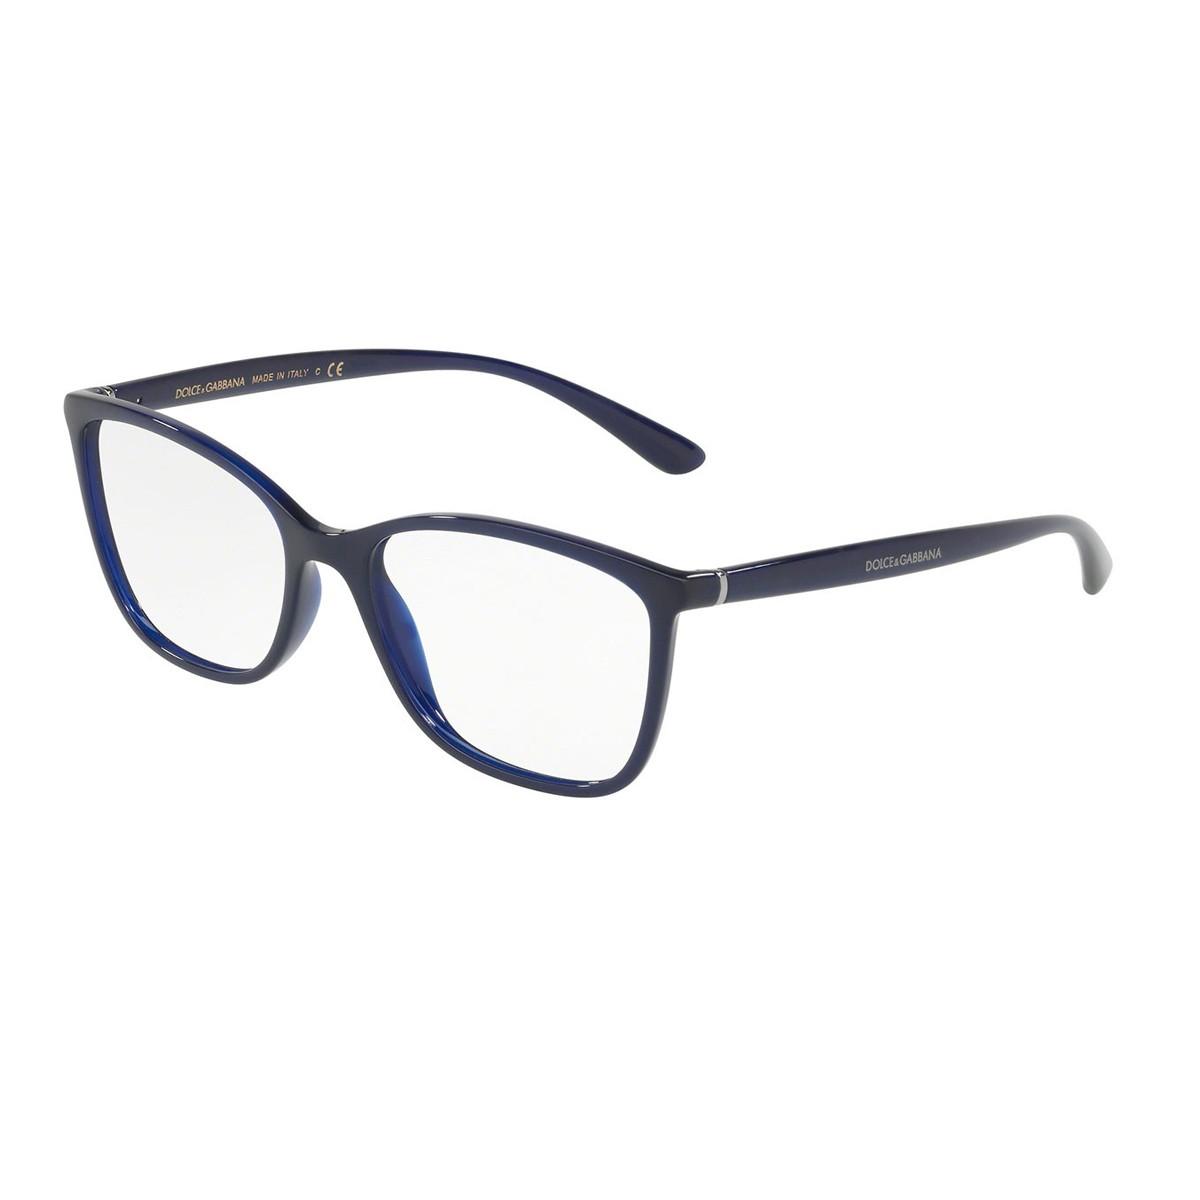 Dolce & Gabbana DG5026 | Women's eyeglasses